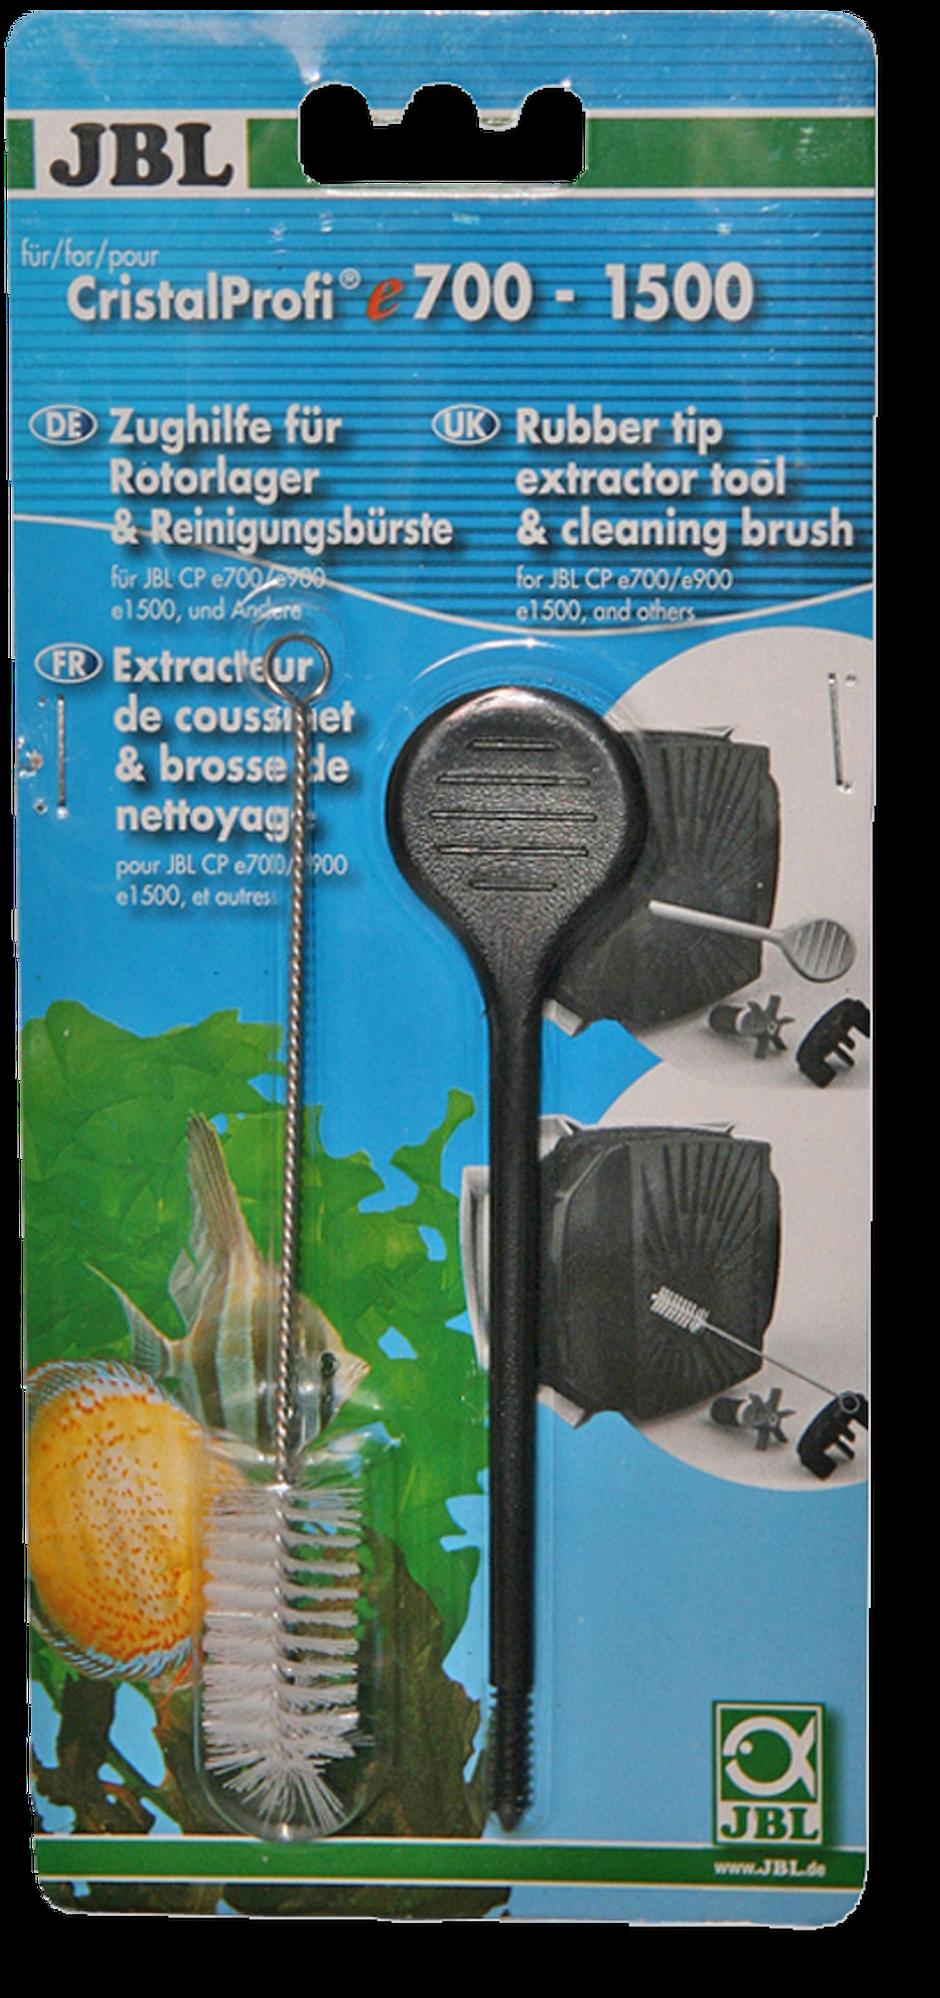 JBL CristalProfi vytahovák ložisek rotoru,kartáč